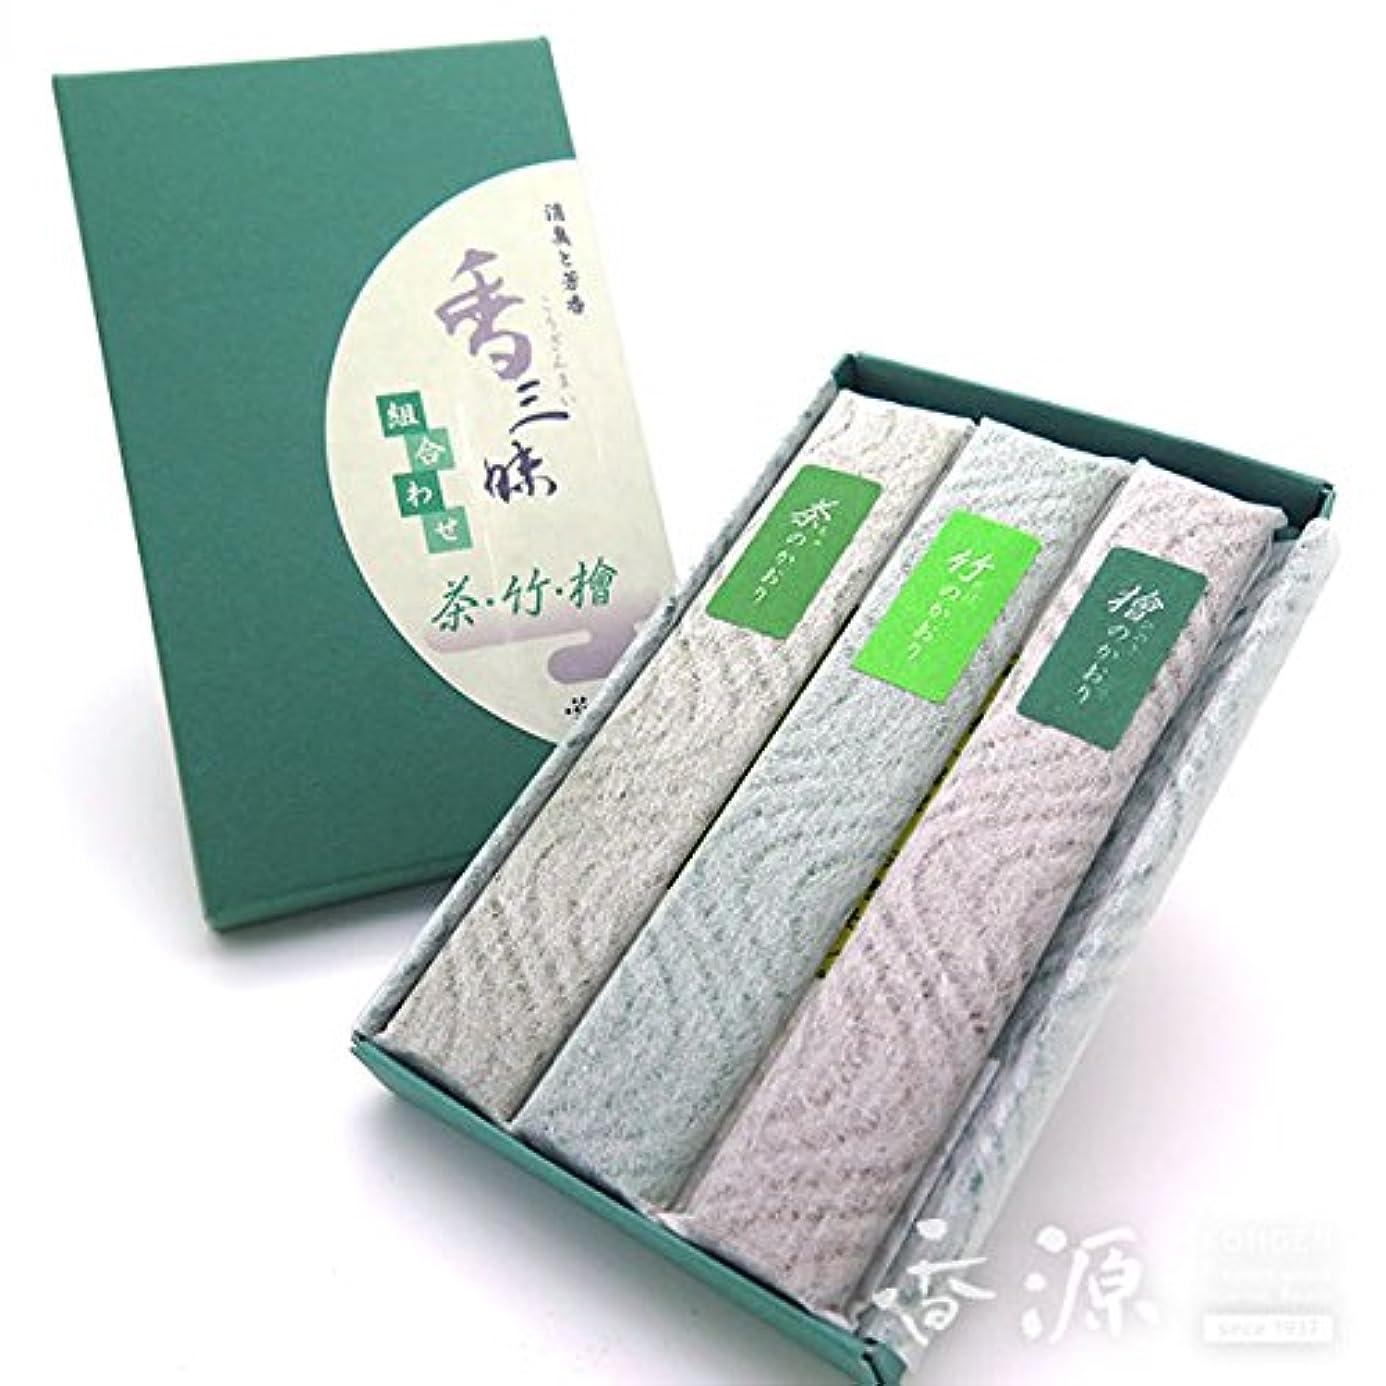 心から親指事業内容【フラボノイドで消臭】薫寿堂のお香 香三昧 茶?竹?檜